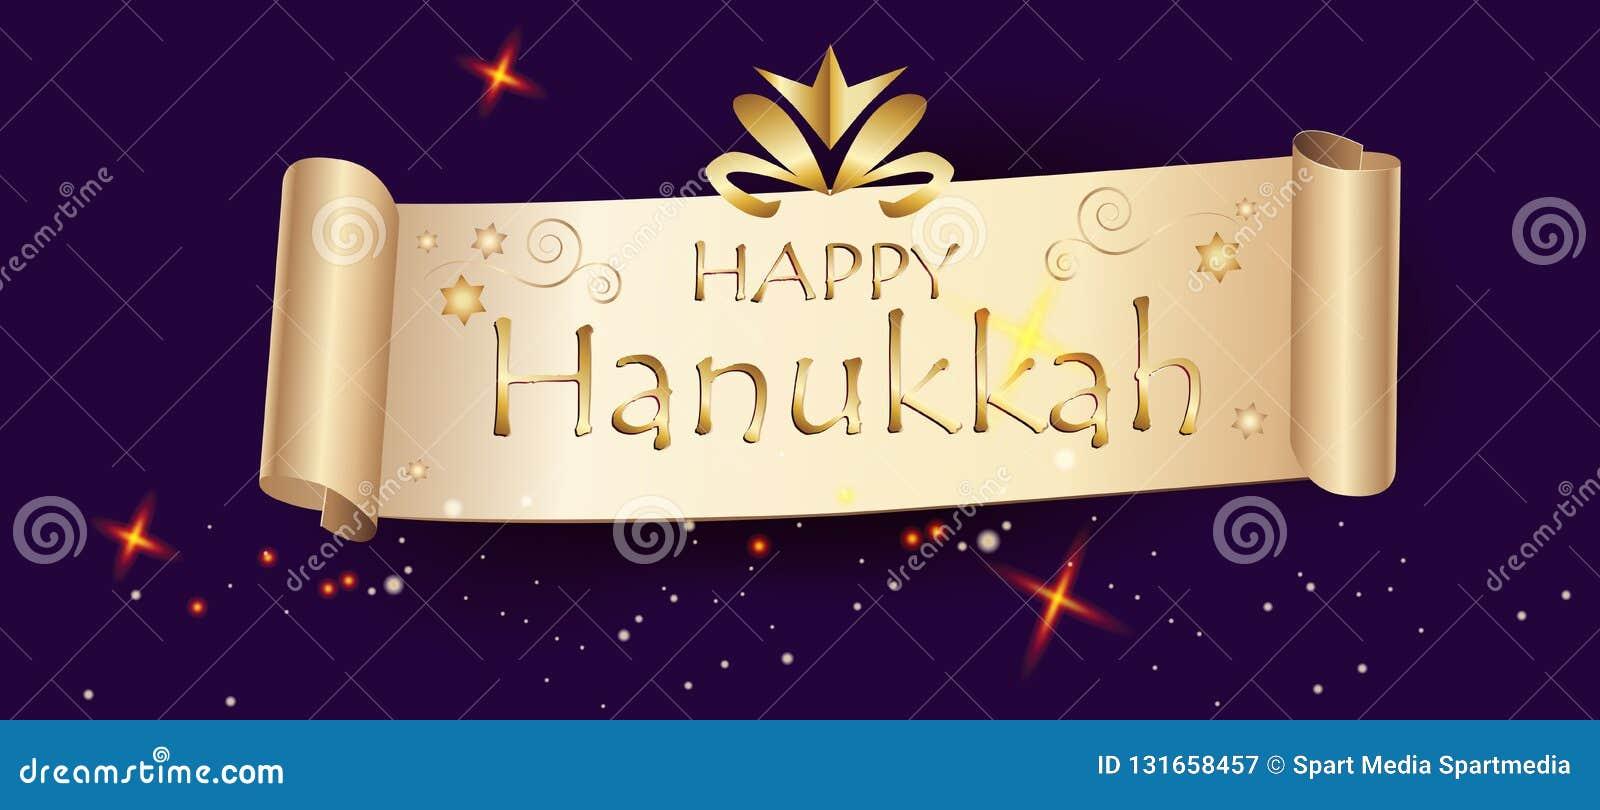 愉快的光明节欢乐背景 葡萄酒金丝带标题标志、礼物和礼物Hanuka装饰